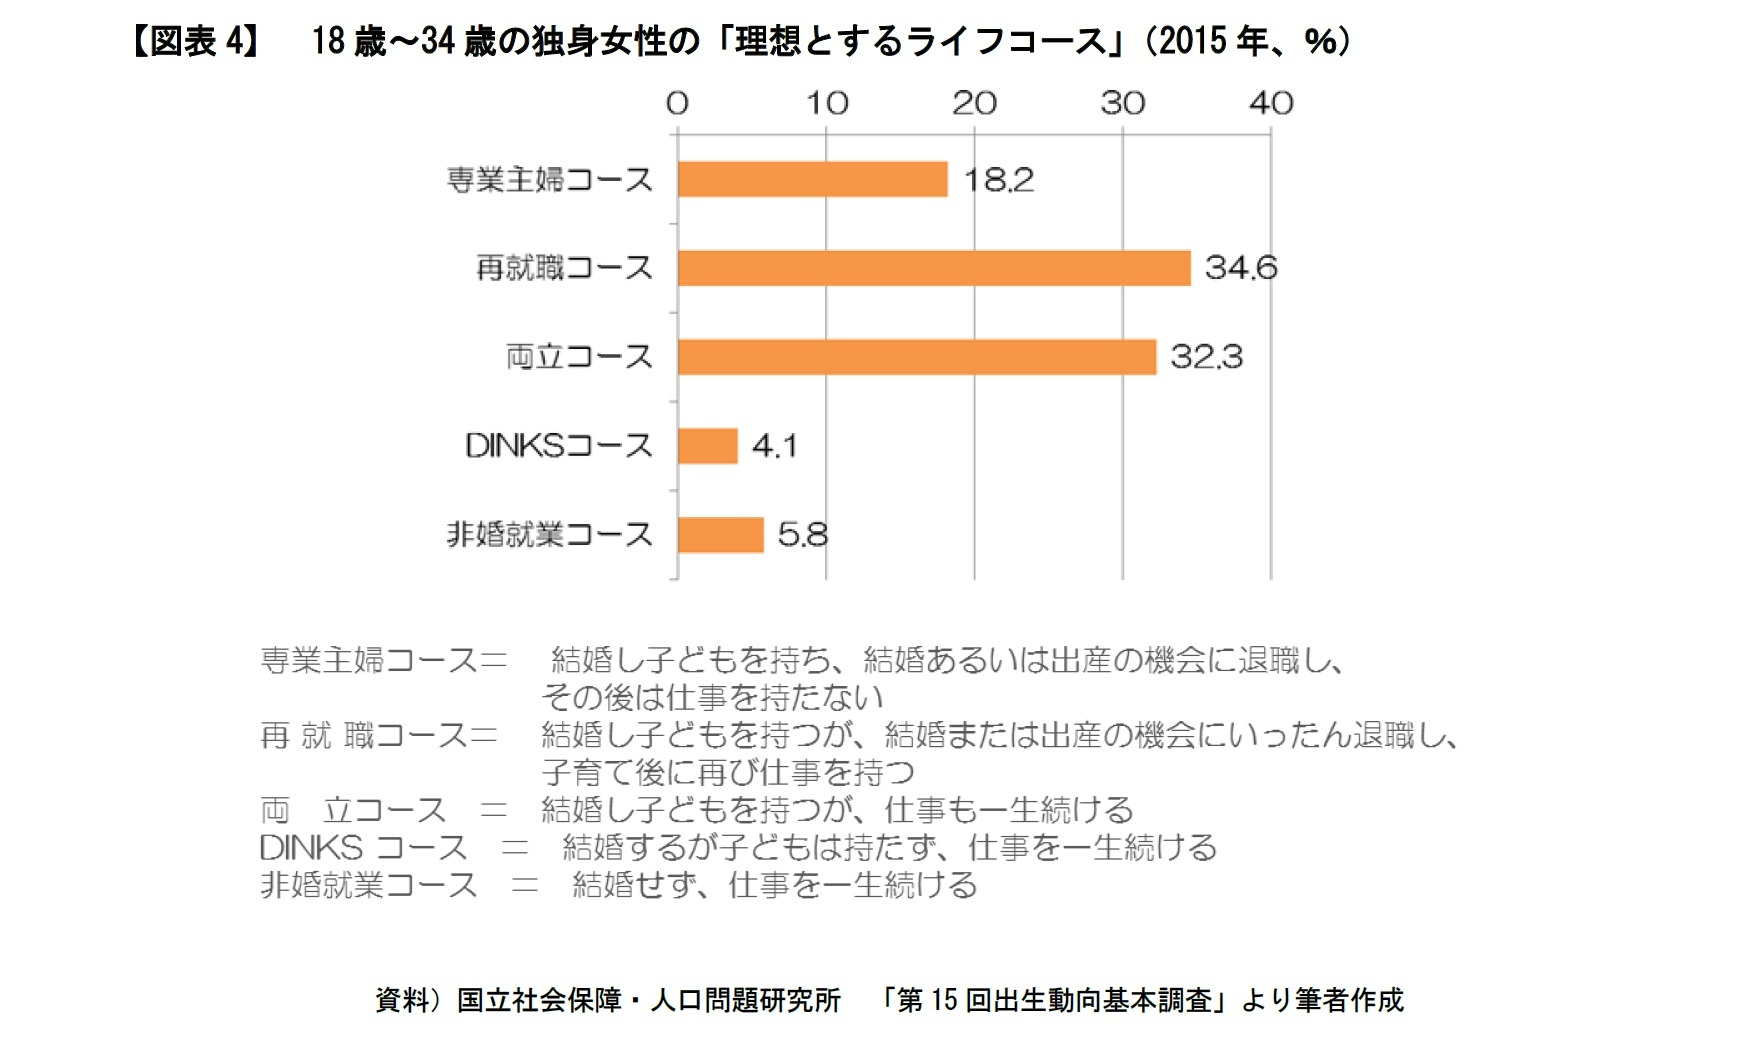 【図表4】 18歳~34歳の独身女性の「理想とするライフコース」(2015年、%)